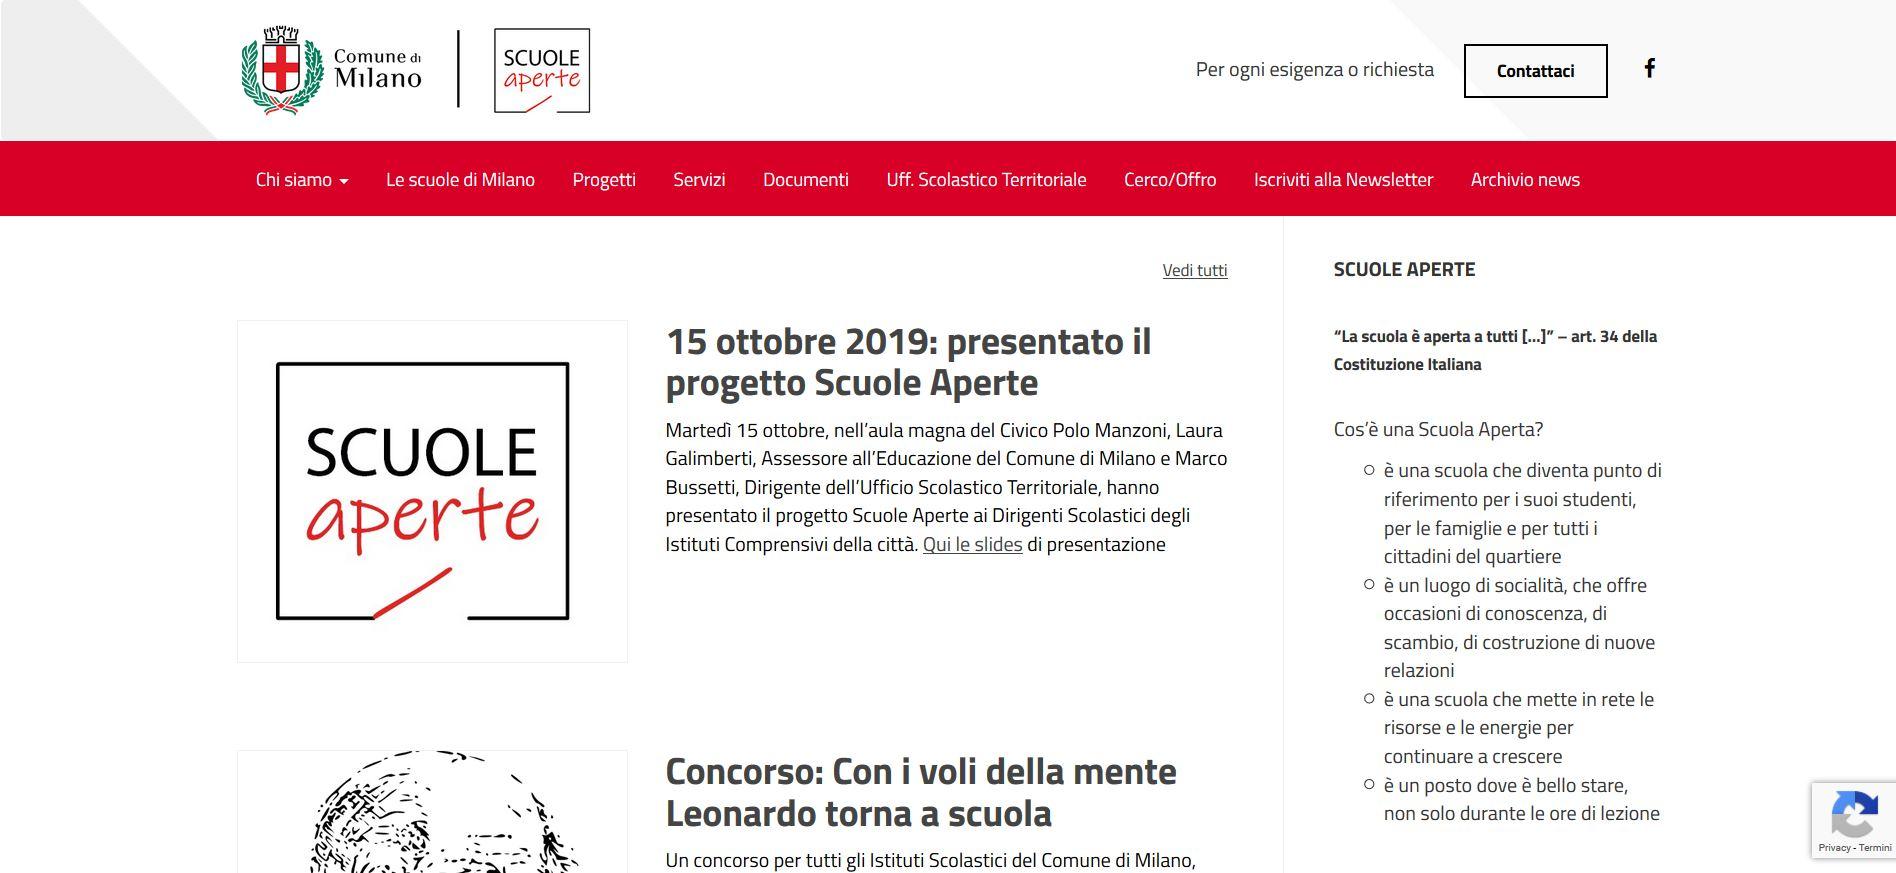 Scuole Aperte 2.0, nascono il sito e la mappa interattiva per scoprire i progetti milanesi